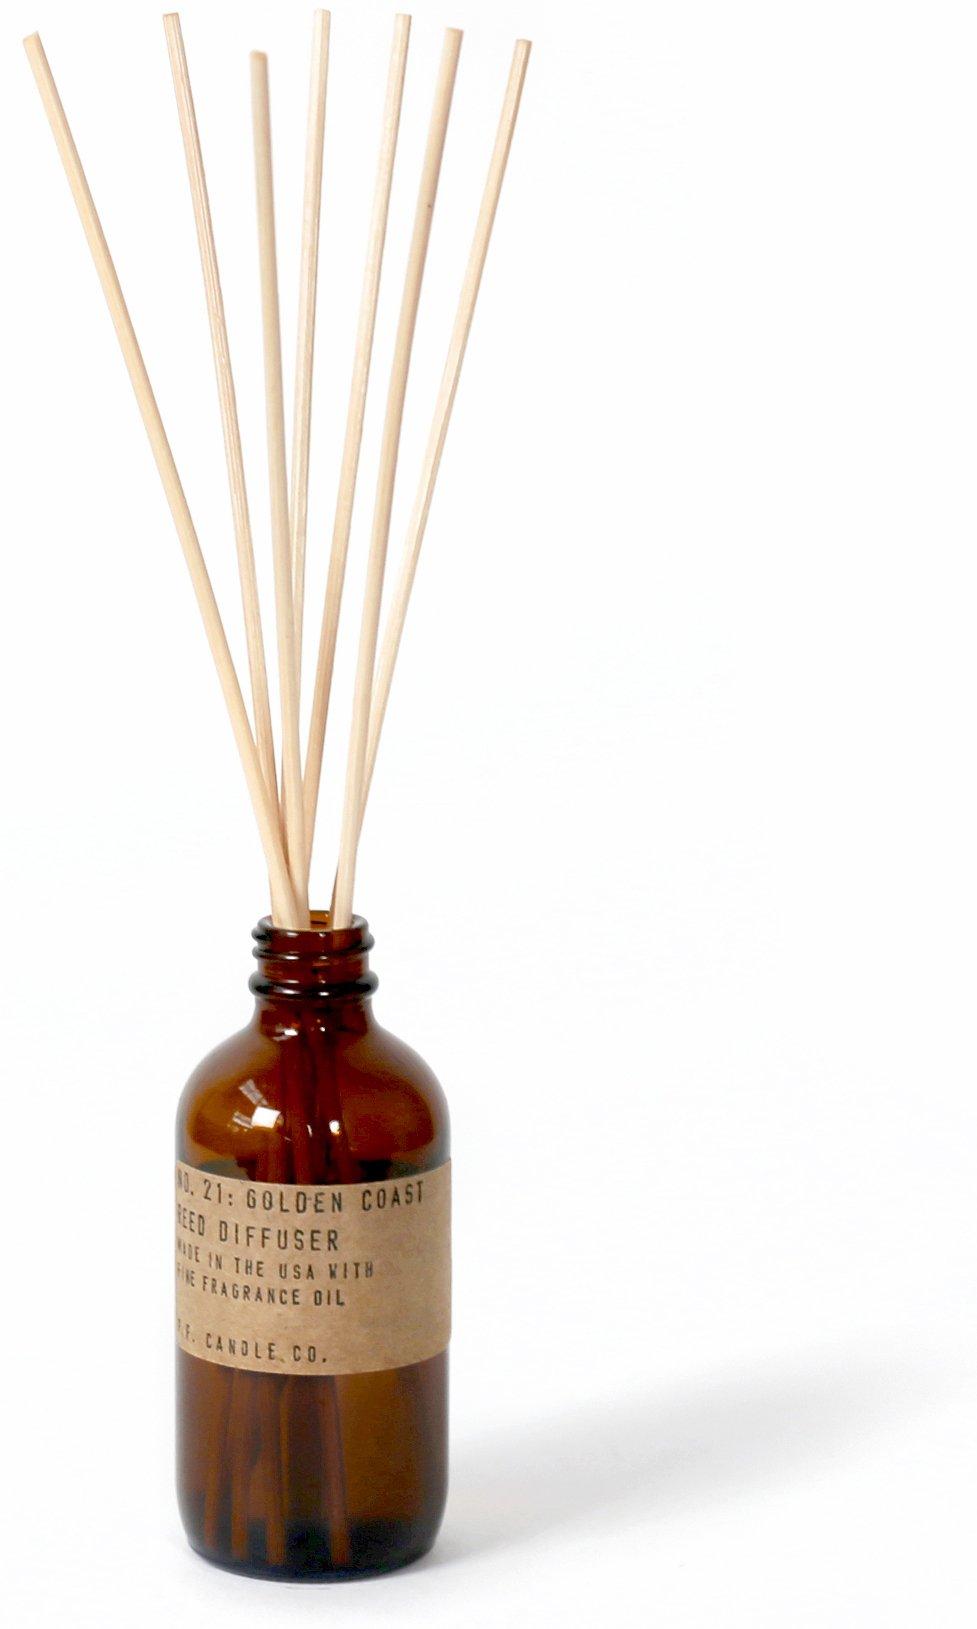 P.F. Candle Co. - No. 21: Golden Coast Diffuser